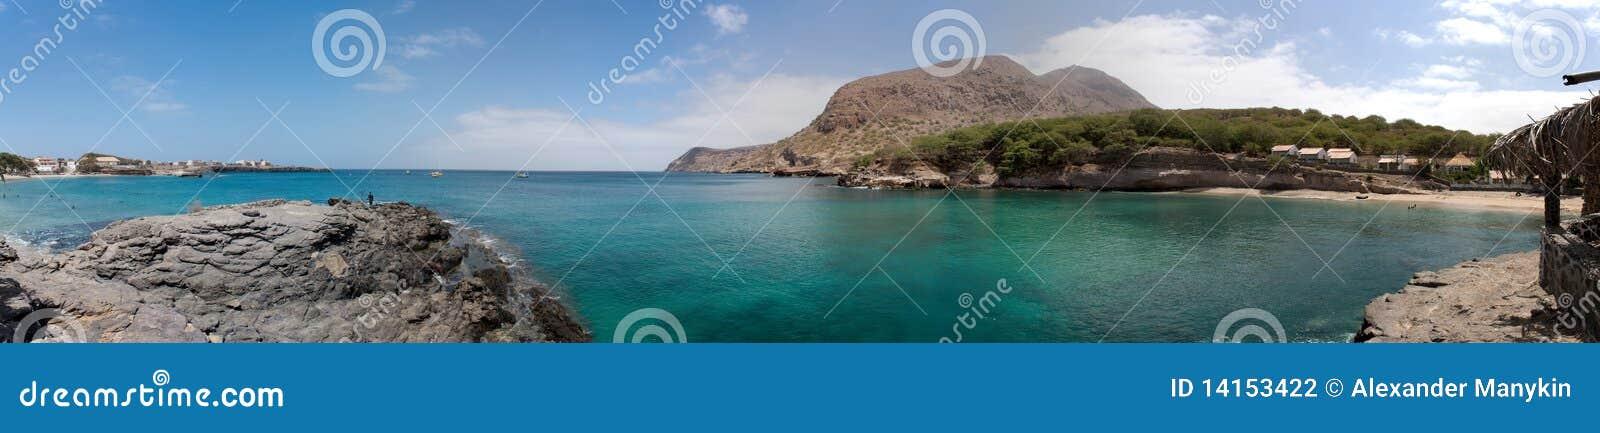 Océano Atlántico y bahía